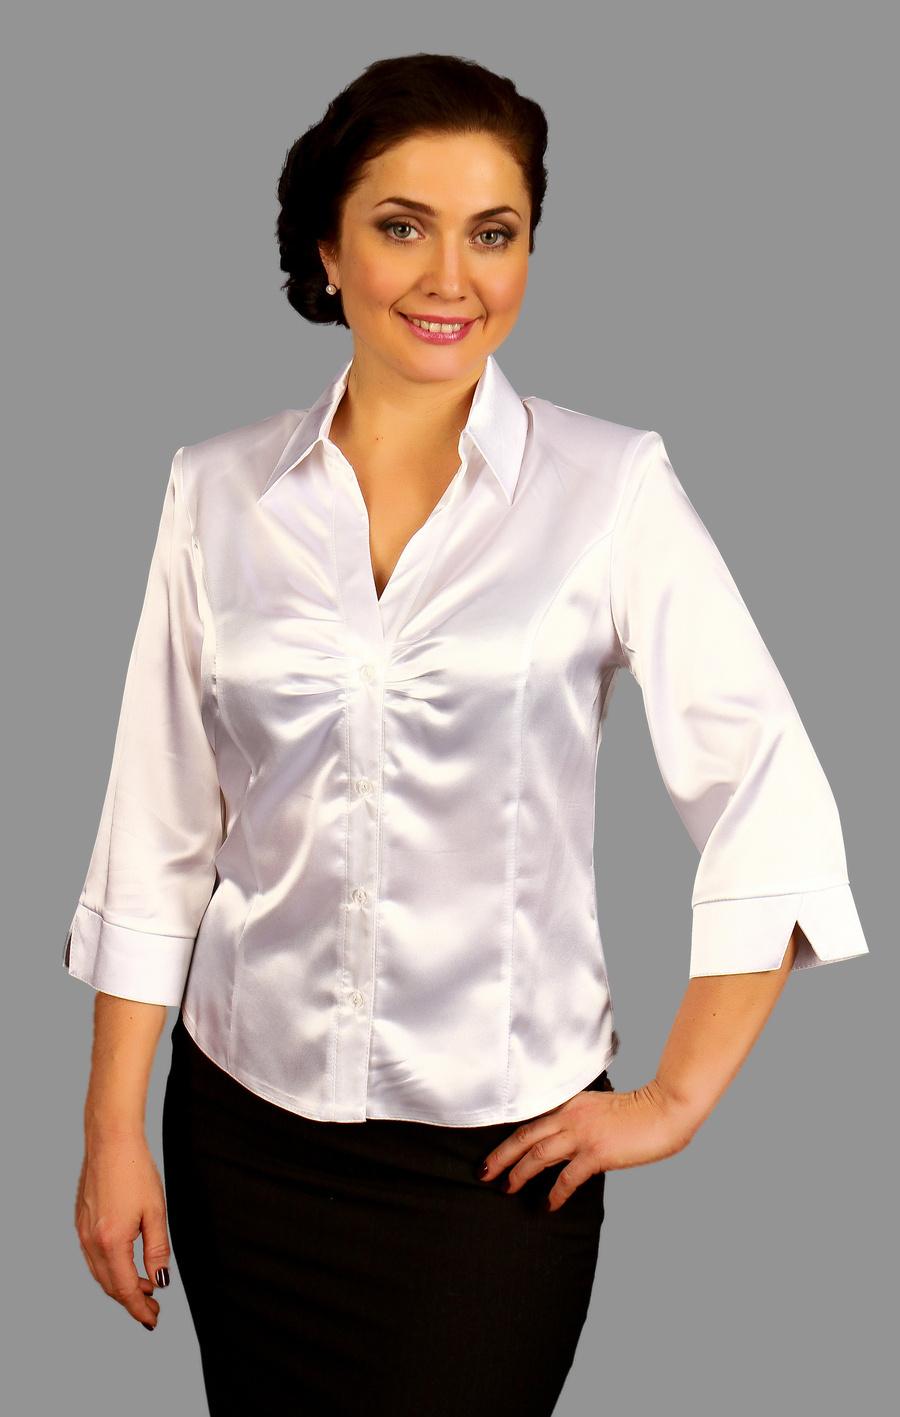 Важно иметь несколько блузок для работы